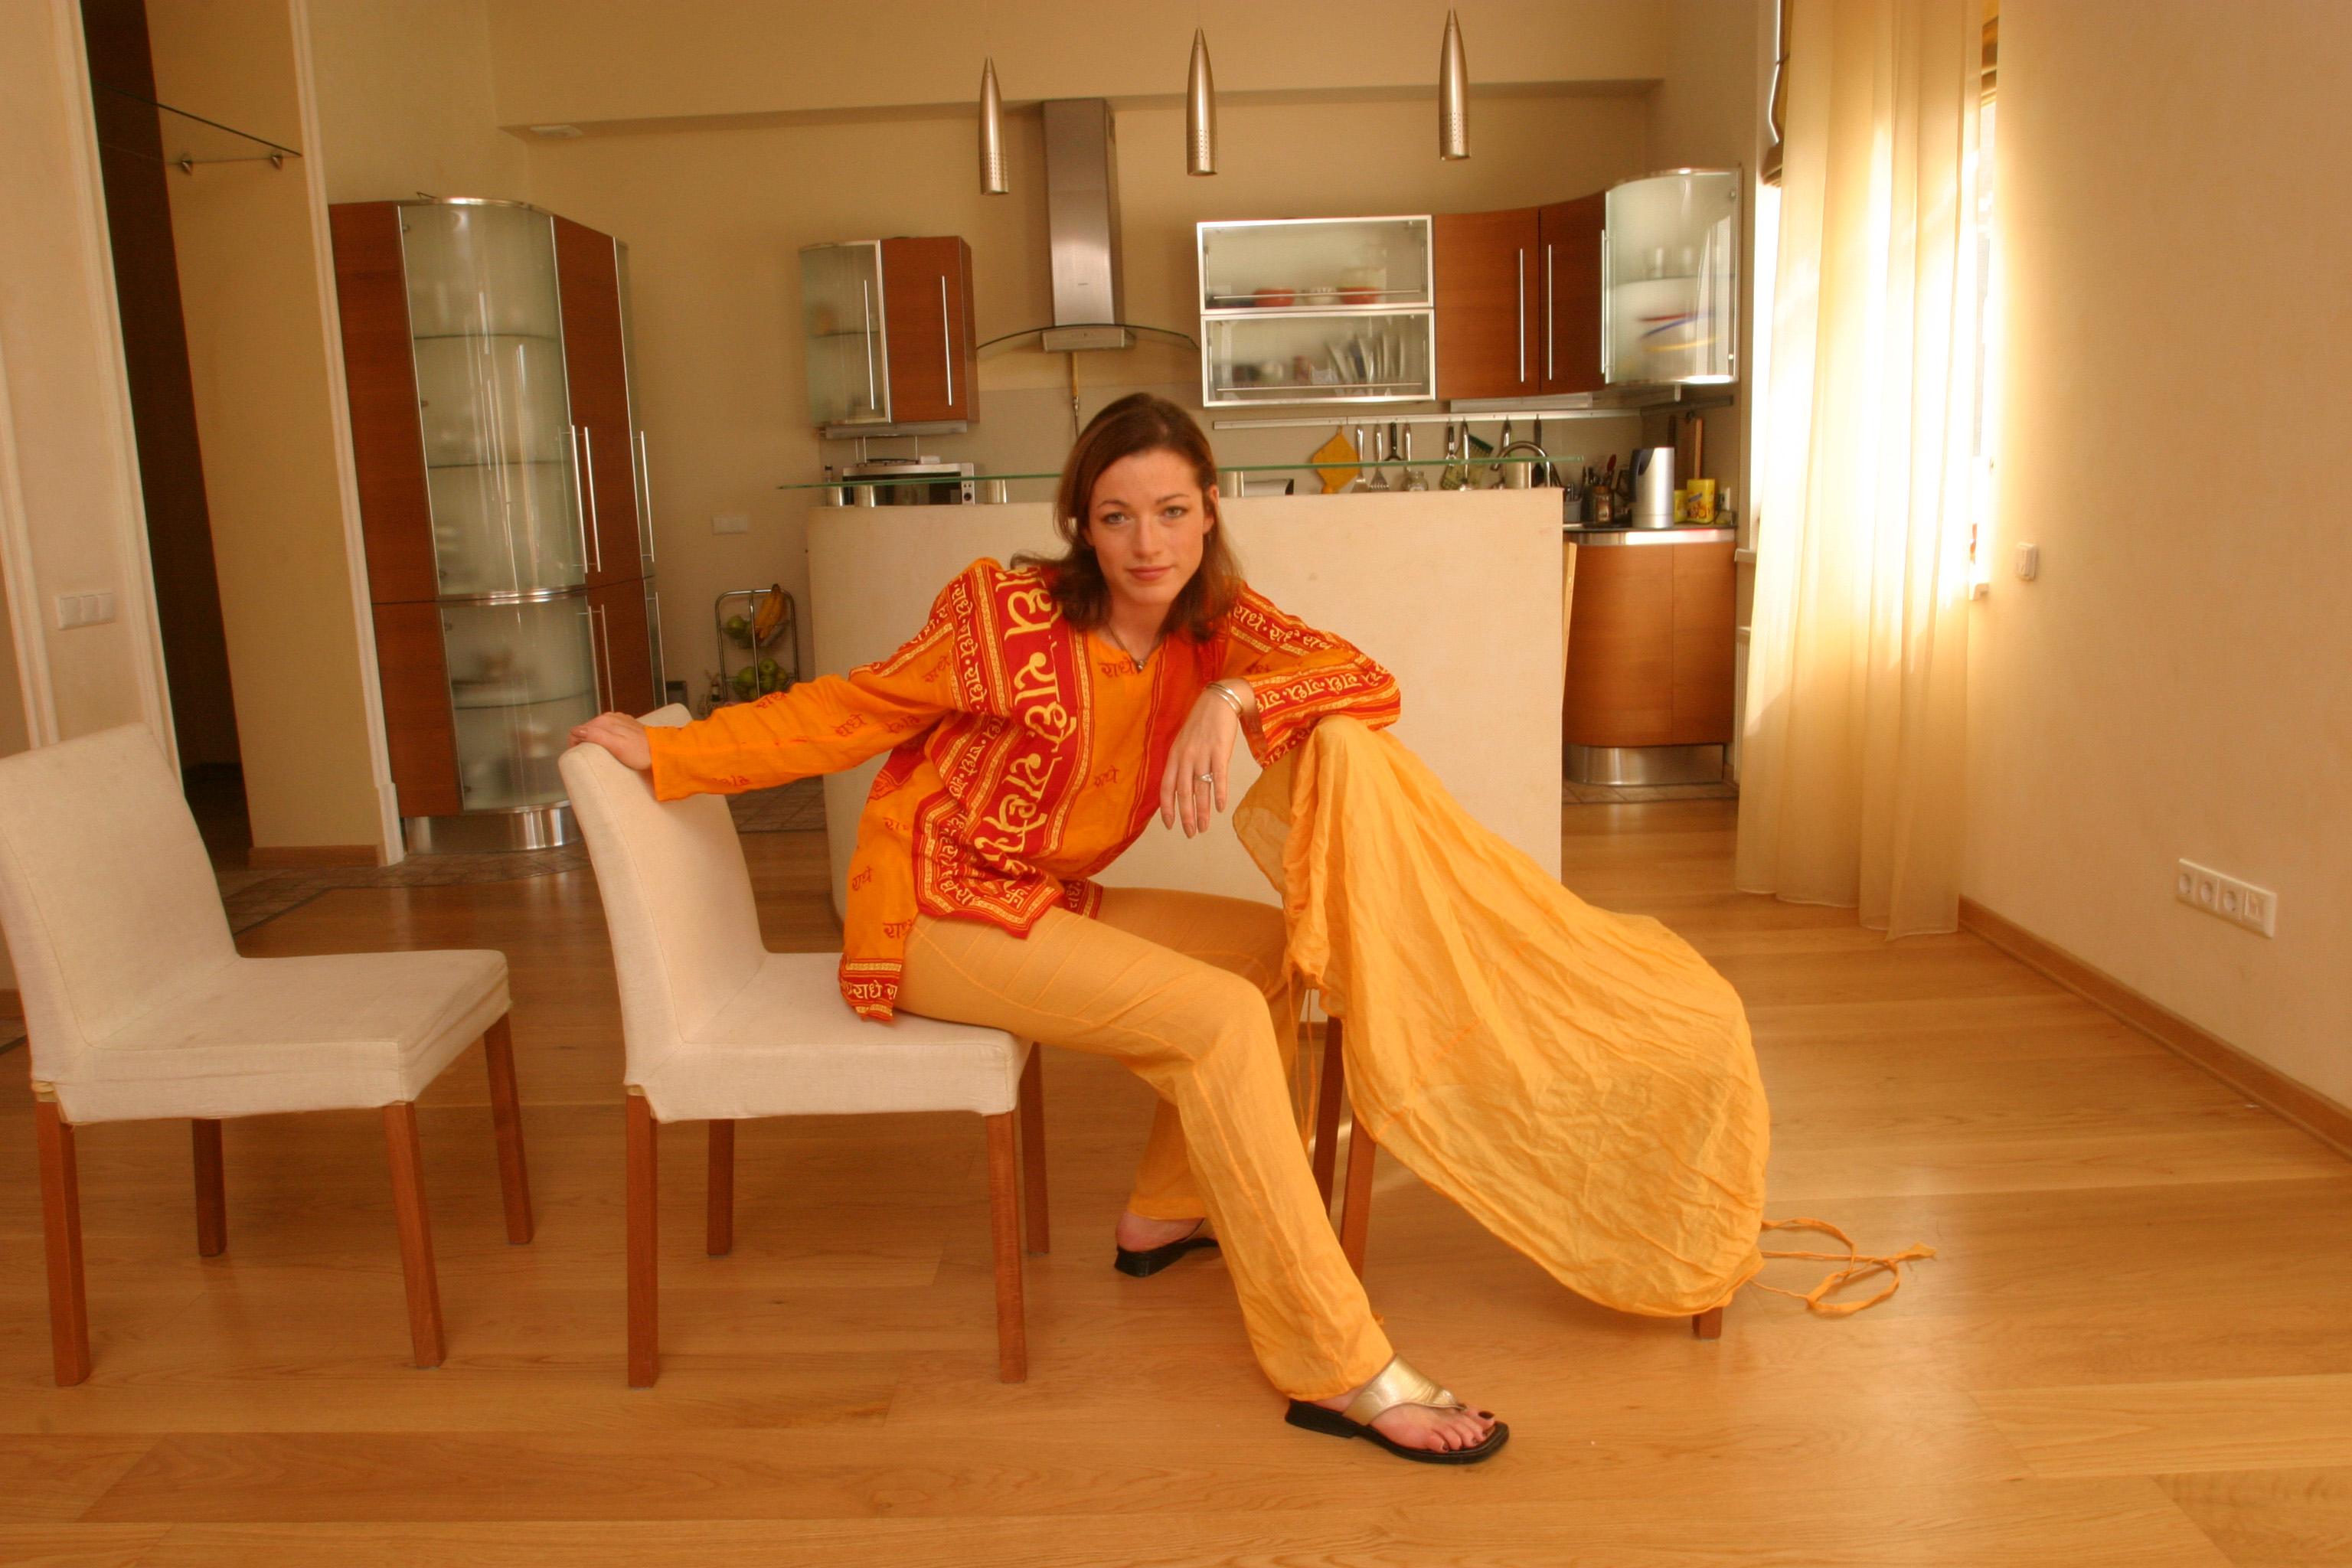 Фото актрисы хмельницкой 19 фотография